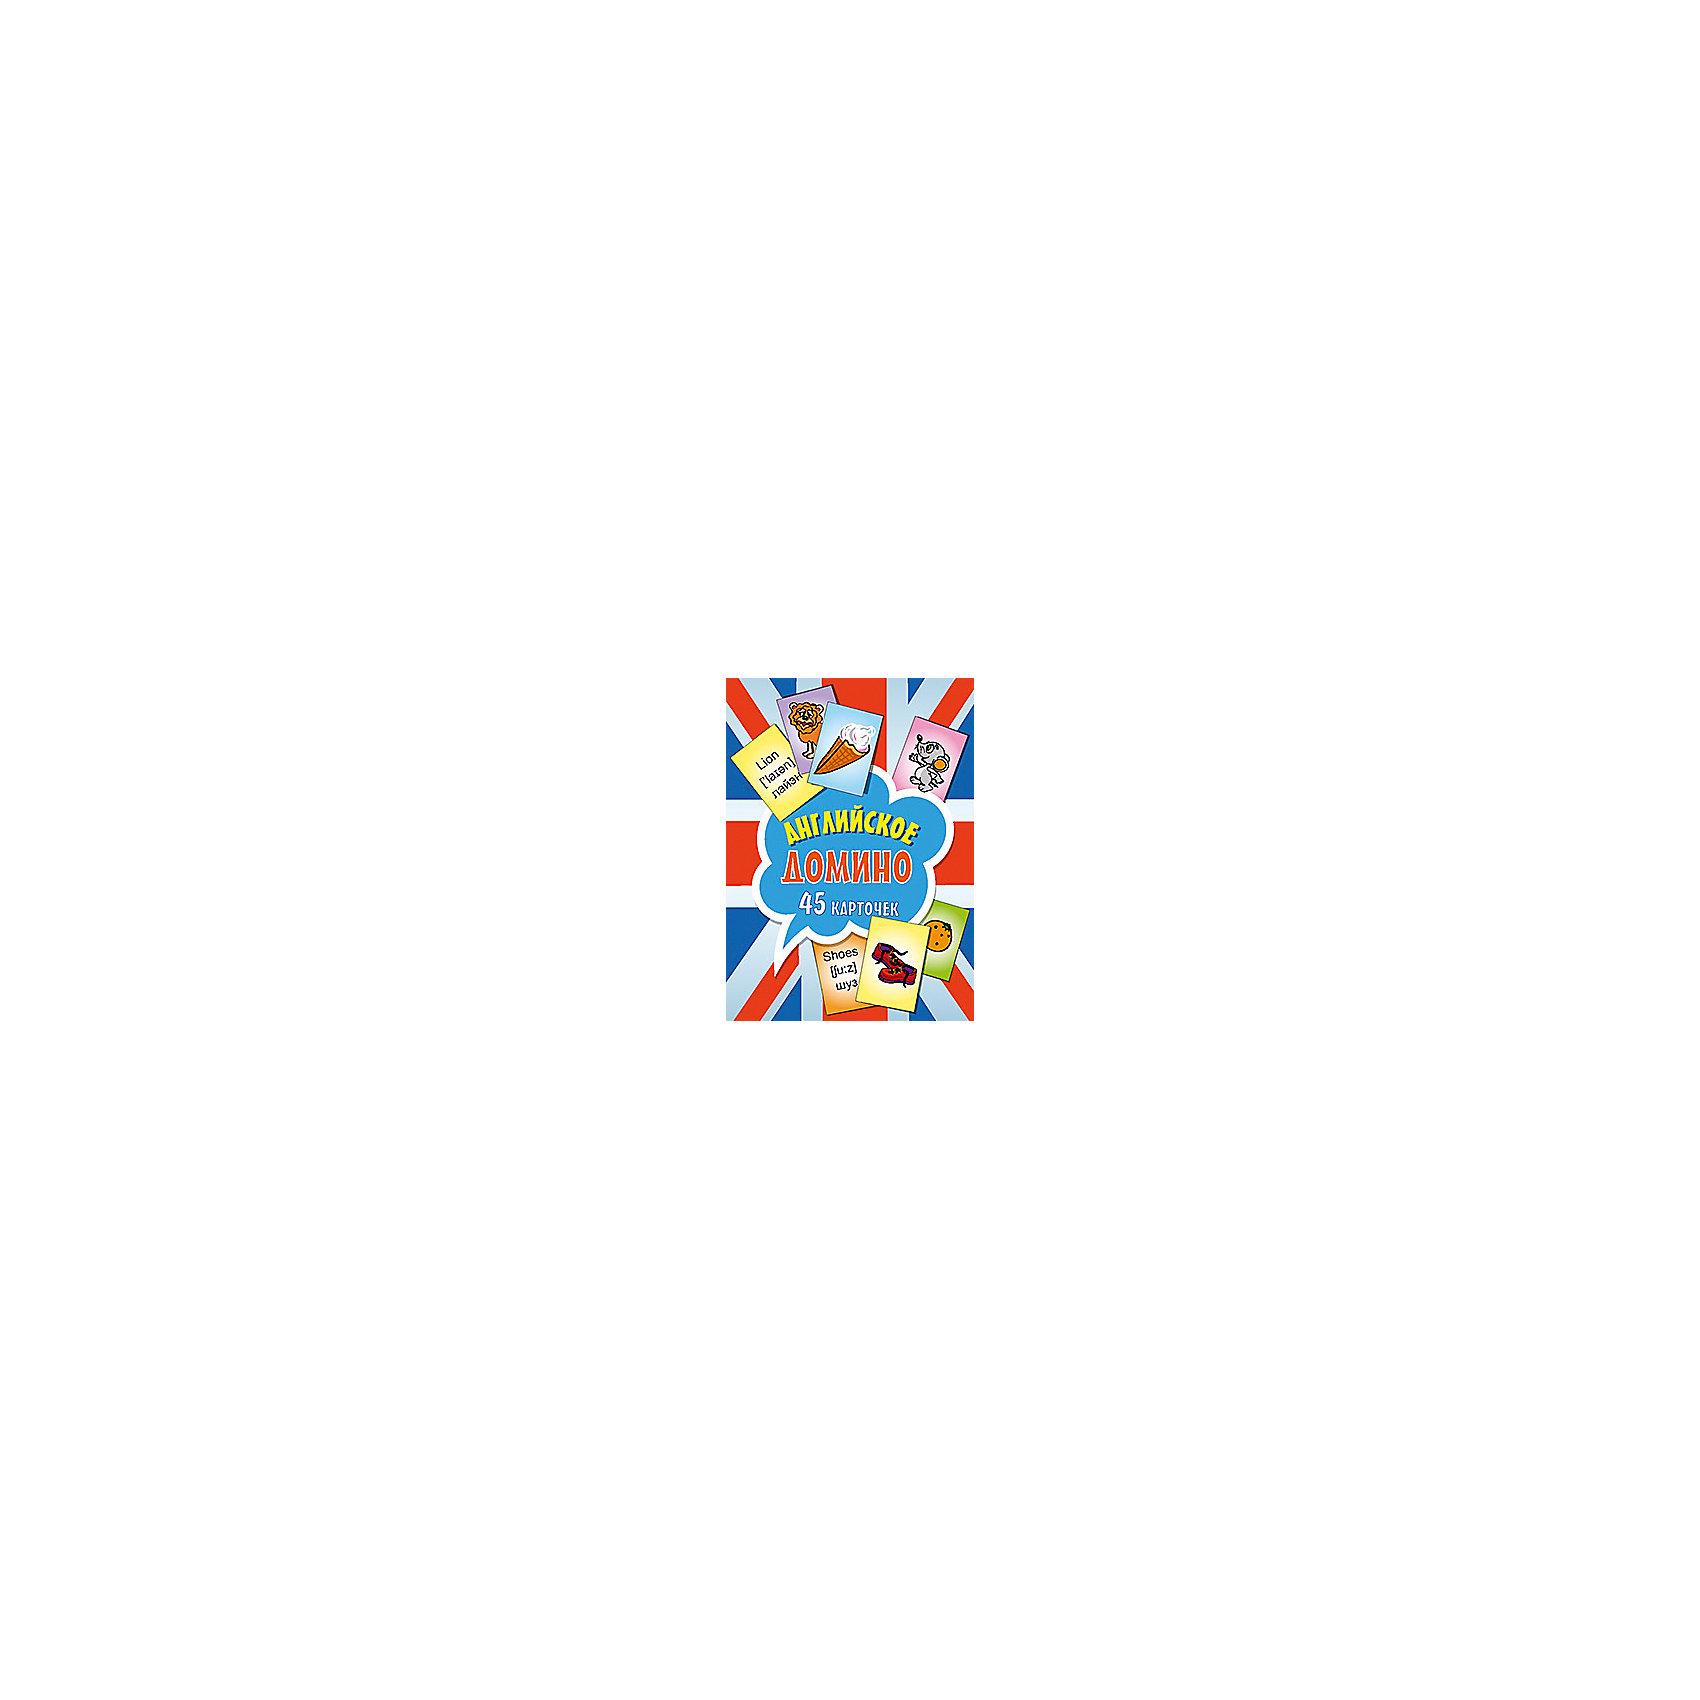 45 карточек Игра английское доминоПИТЕР<br>Характеристики 45 карточек Игра английское домино: <br><br>• год выпуска: 2015<br>• размер: 9х6х1.5 см<br>• издательство: Питер<br>• серия: Вы и Ваш ребенок<br>• тип издания: отдельное издание<br>• вес в упаковке, 65 г<br>• масса: 58 г.<br><br>Как ребенку легко и весело выучить английский язык? Конечно, в игре! Играя в Английское домино, ребенок быстро запомнит и научится произносить основные слова английского языка. Карточки не только способствуют визуальному запоминанию предметов, но и развивают диалоговую речь и коммуникационные навыки. Как ребенку легко и весело выучить английский язык? Конечно, в игре! <br><br>Играя в Английское домино, ребенок быстро запомнит и научится произносить основные слова английского языка. Карточки не только способствуют визуальному запоминанию предметов, но и развивают диалоговую речь и коммуникационные навыки.<br>Английское домино - не просто игра-тренажер, с помощью которой ребенок-дошкольник быстро выучит необходимый минимум английских слов, позволяющий легко общаться со сверстниками-иностранцами. <br><br>Это увлекательное занятие для всей семьи, желающей интересно провести время дома, на даче или в гостях. Ведь родители тоже иногда забывают, как по-английски вилка или стул. Восстановить свои знания, отлично провести время с ребенком, да еще и привить ему любовь к английскому языку - все это позволяет сделать домино, разработанное специально для детей от 4 лет.<br><br>45 карточек Игра английское домино издательства Питер можно купить в нашем интернет-магазине.<br><br>Ширина мм: 290<br>Глубина мм: 215<br>Высота мм: 0<br>Вес г: 56<br>Возраст от месяцев: -2147483648<br>Возраст до месяцев: 2147483647<br>Пол: Унисекс<br>Возраст: Детский<br>SKU: 5480491